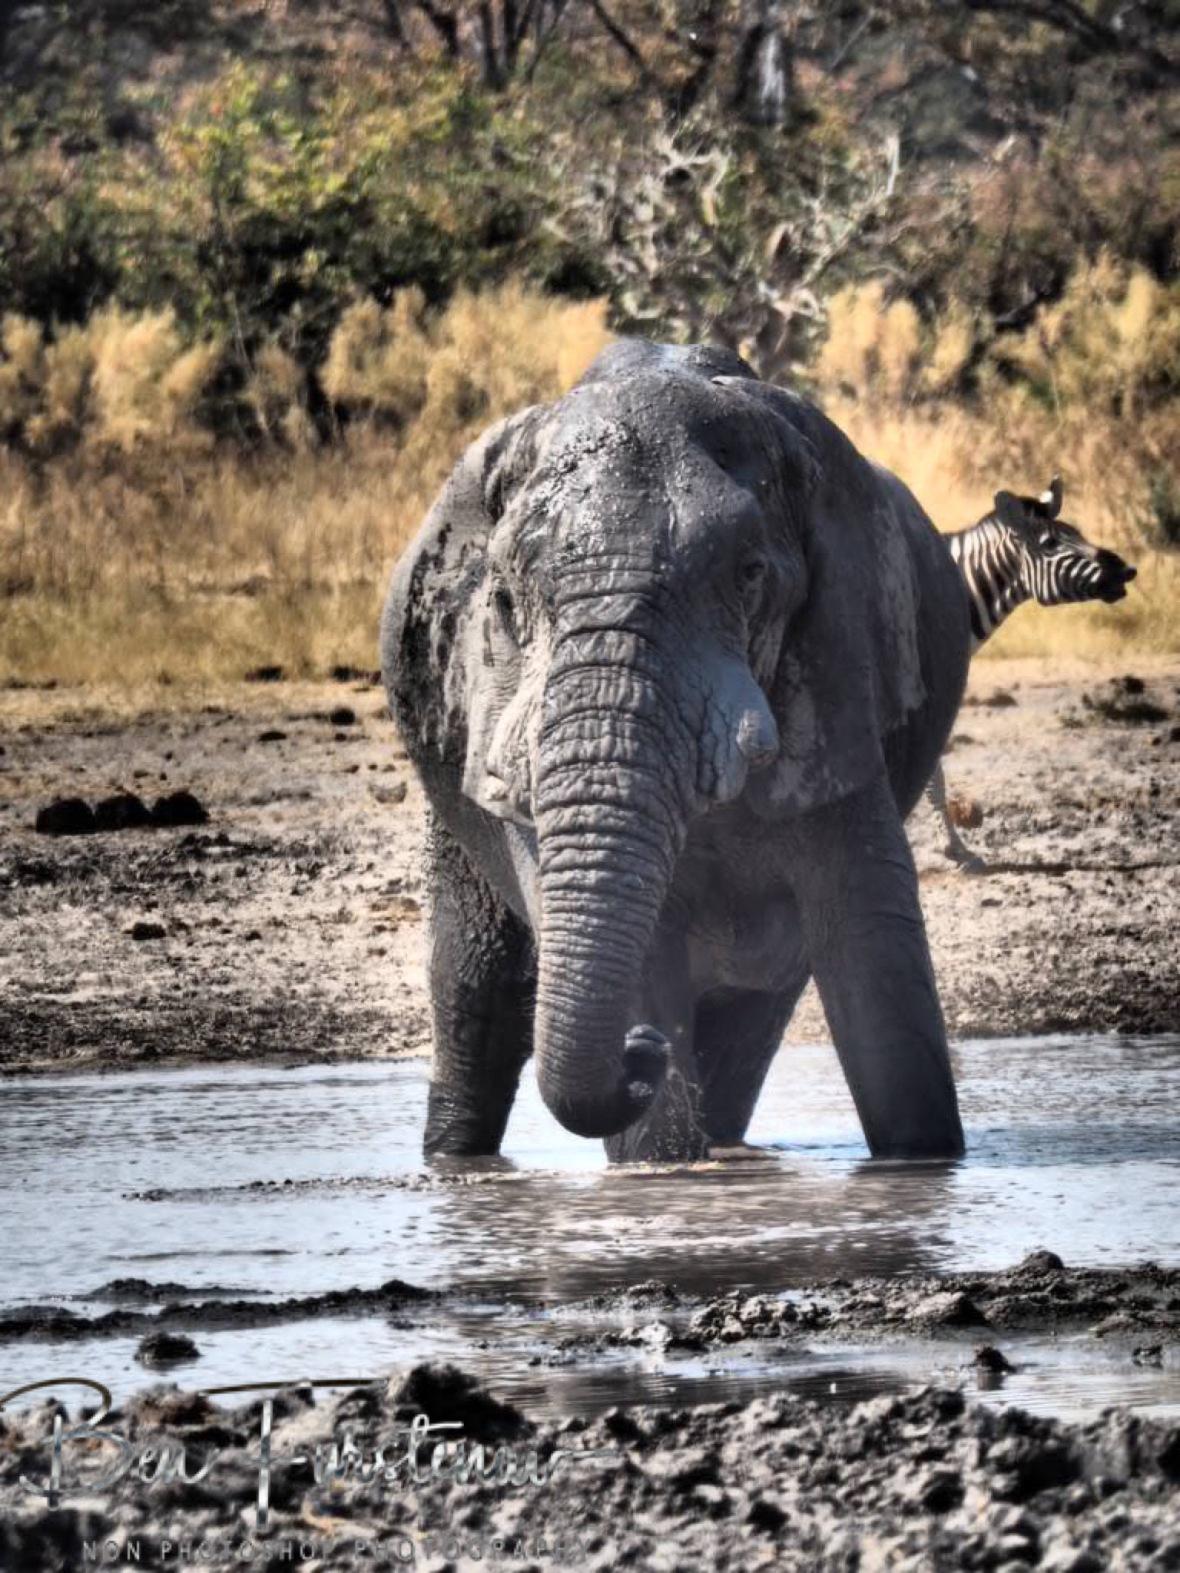 Shaky balance, Moremi National Park, Botswana